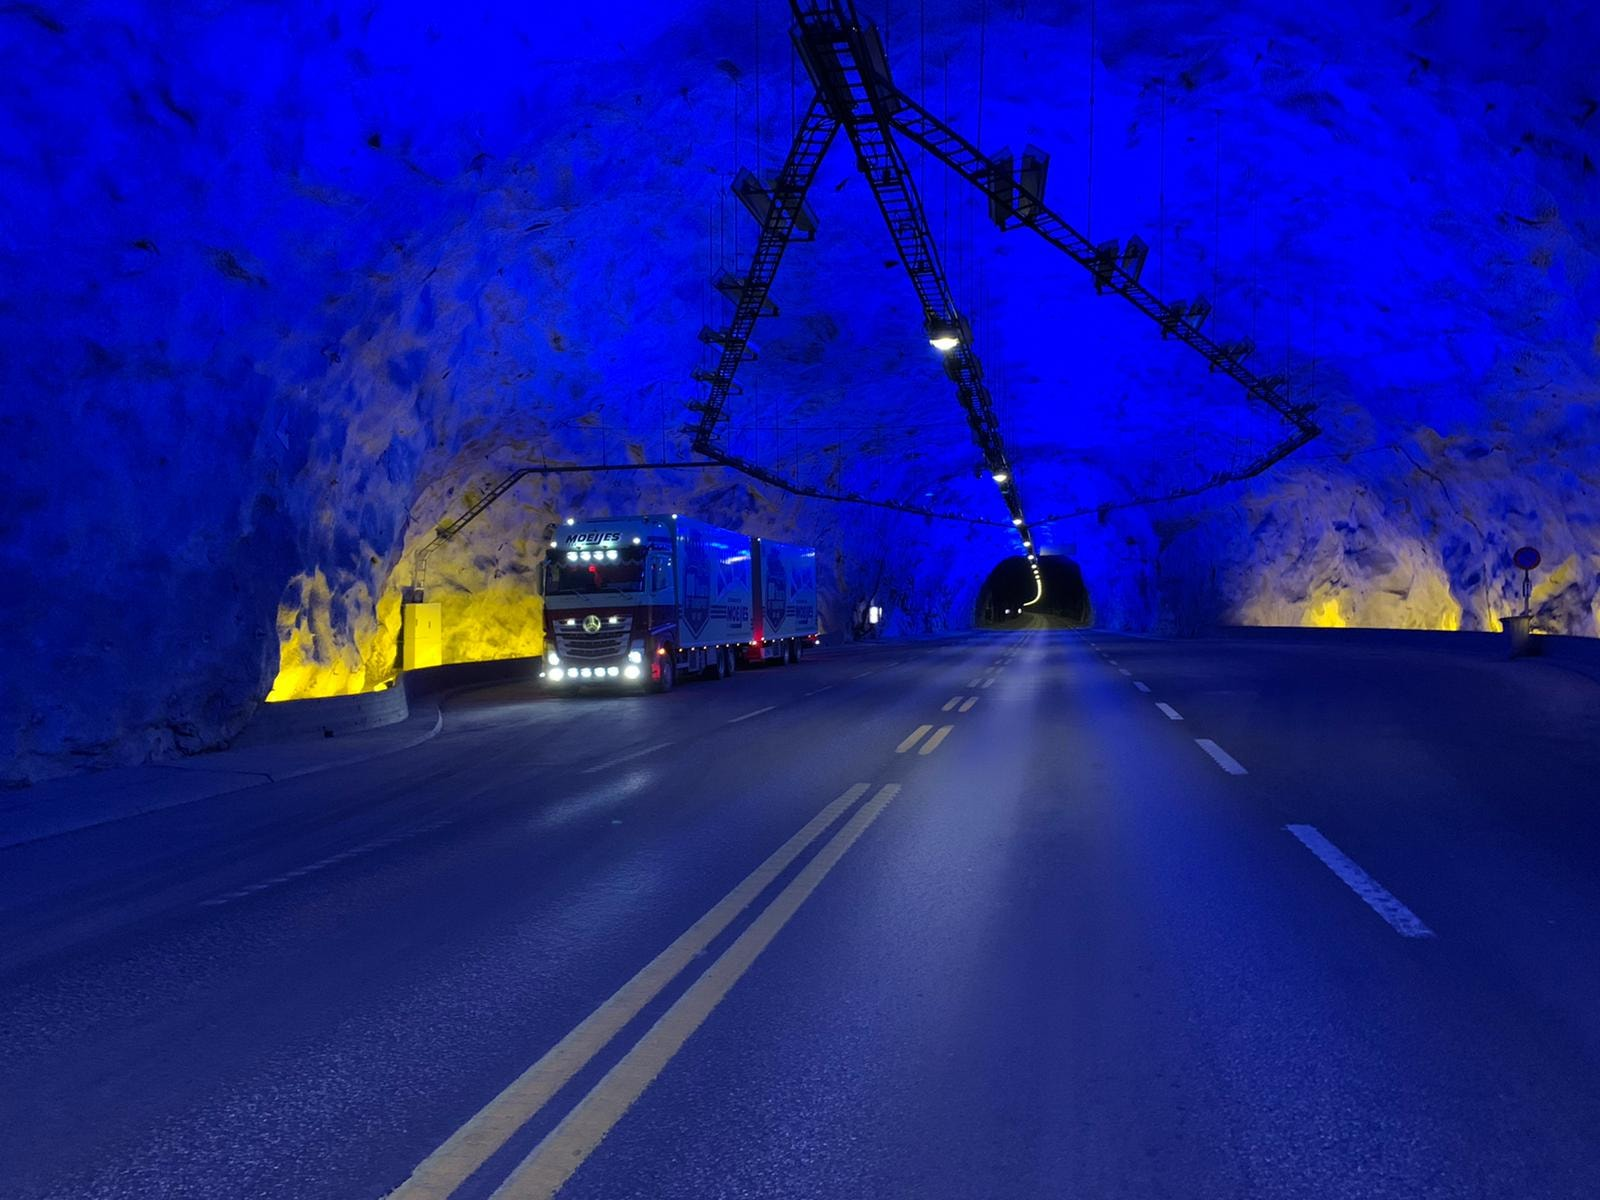 Danny-onderweg-naar-Bergen-in-Noowegen-Laerdalstunnel-23-3-2021--(2)